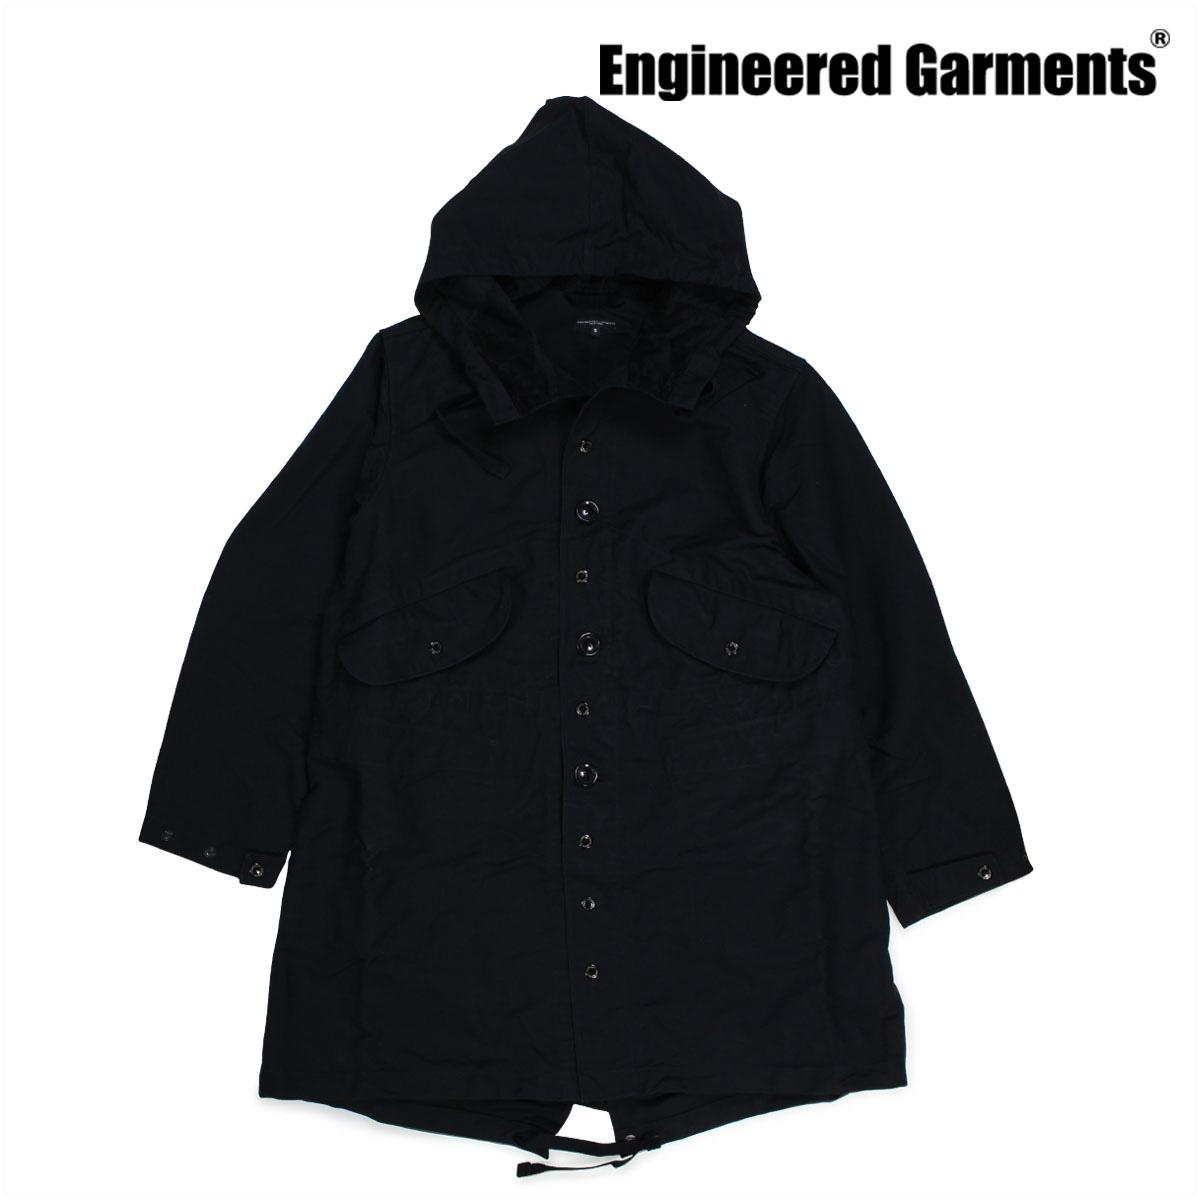 エンジニアードガーメンツ ENGINEERED GARMENTS ジャケット メンズ ミリタリージャケット HIGHLAND PARKA F7D1358 ブラック 【決算セール 返品不可】